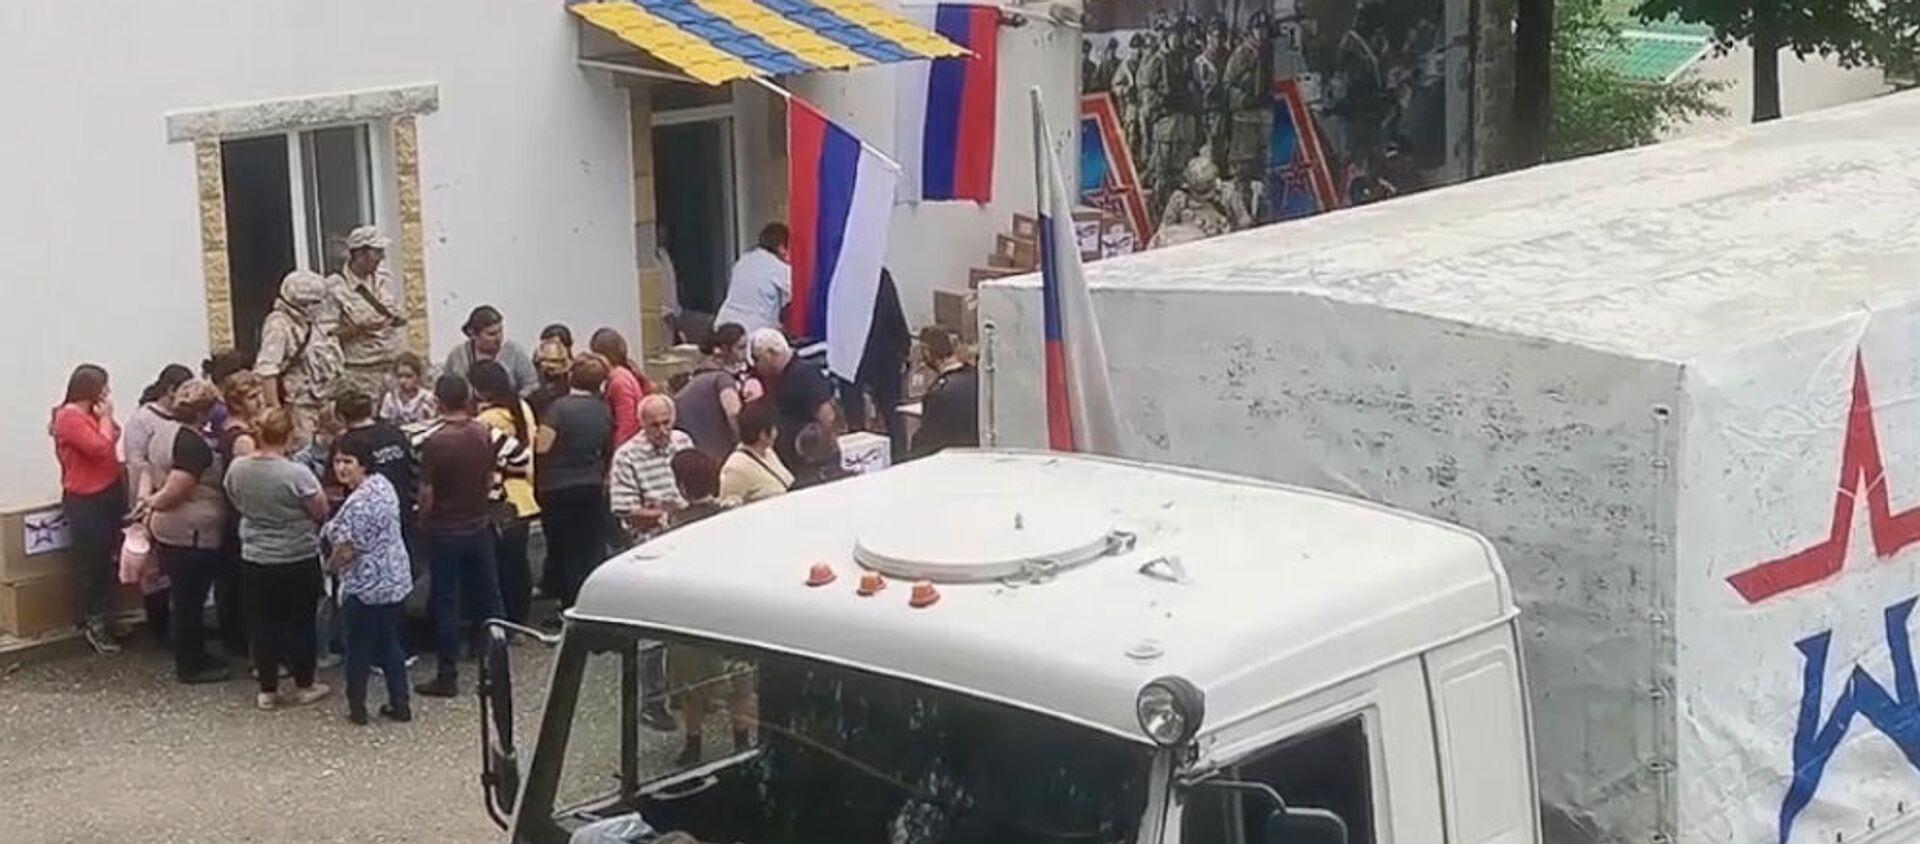 Российские миротворцы провели гуманитарно-медицинскую акцию в селе Ванк (13 июля 2021). Карабах - Sputnik Армения, 1920, 24.07.2021